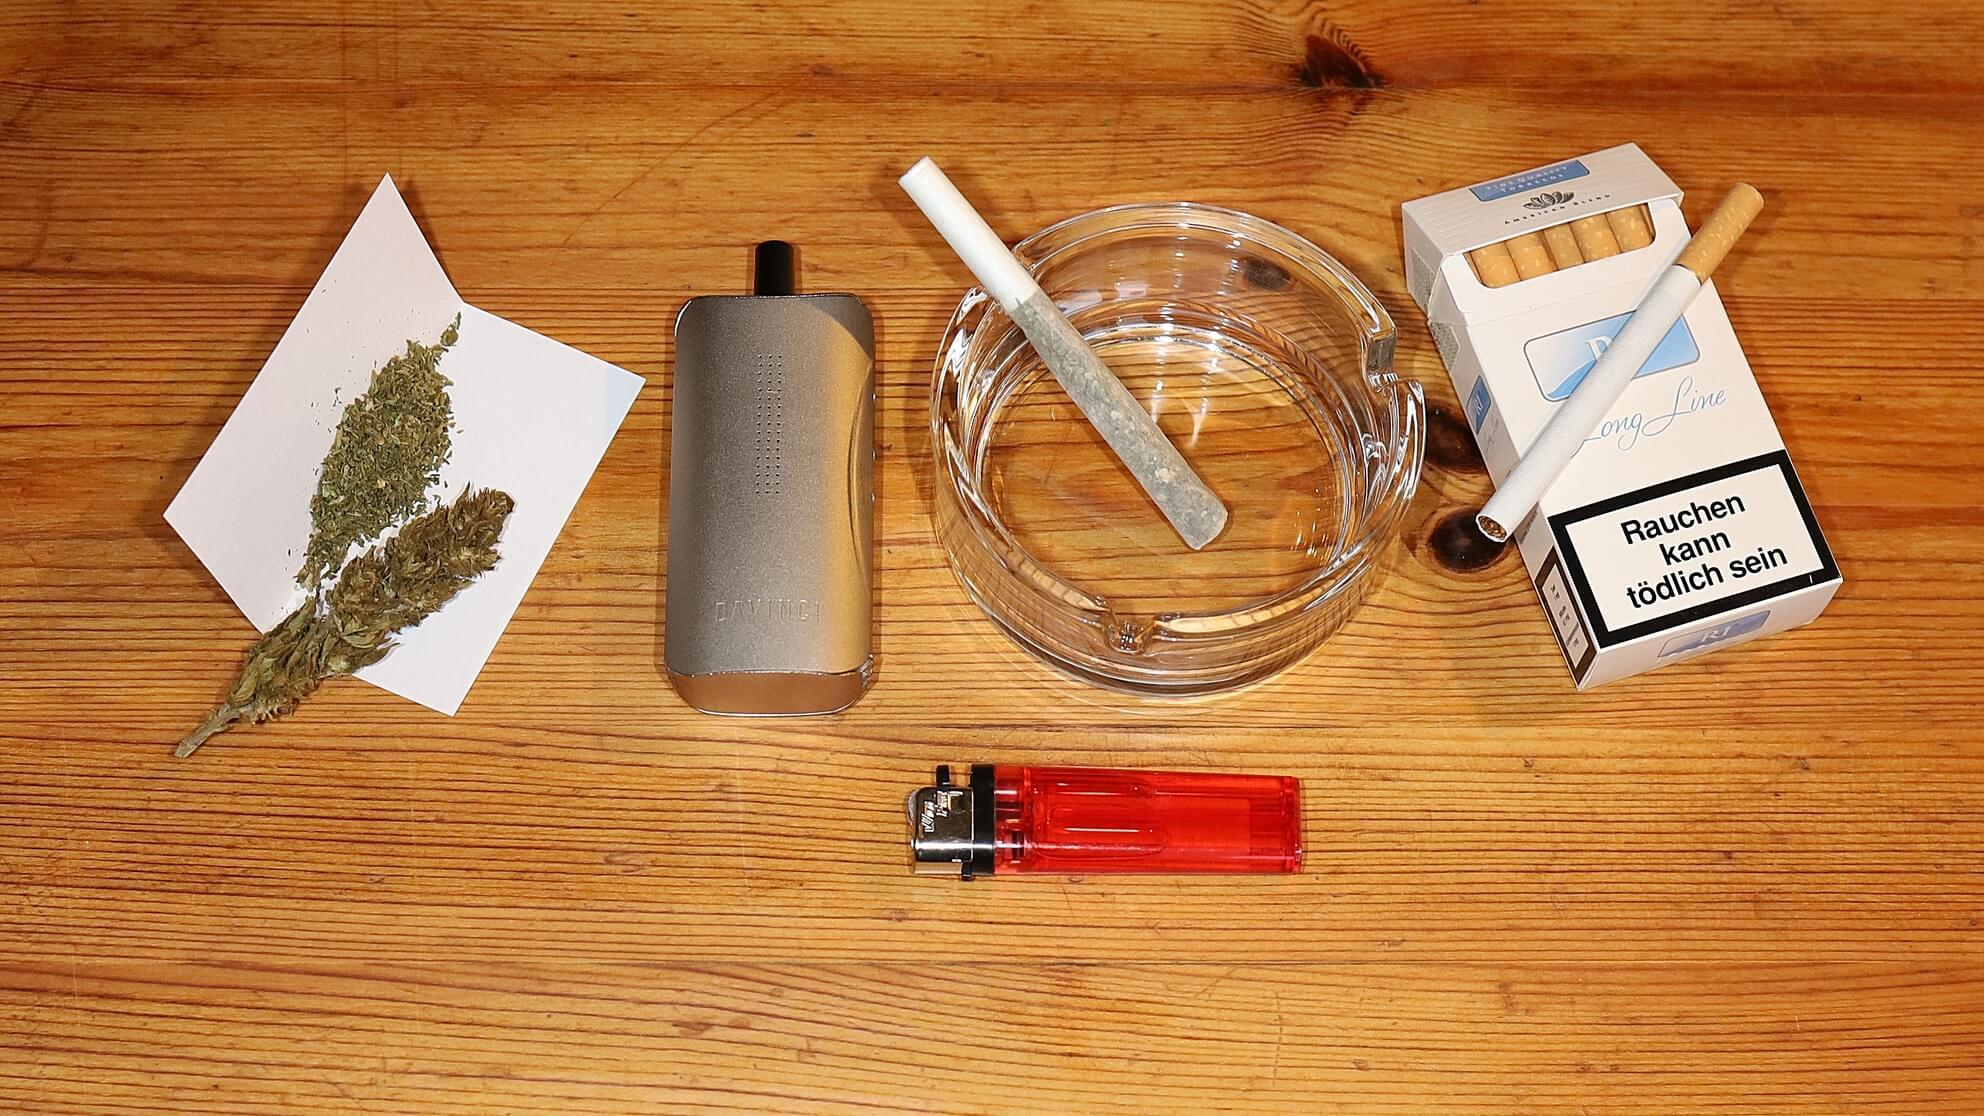 Gerade für die medizinische Einnahme von Cannabis ist auf Tabak zu verzichten